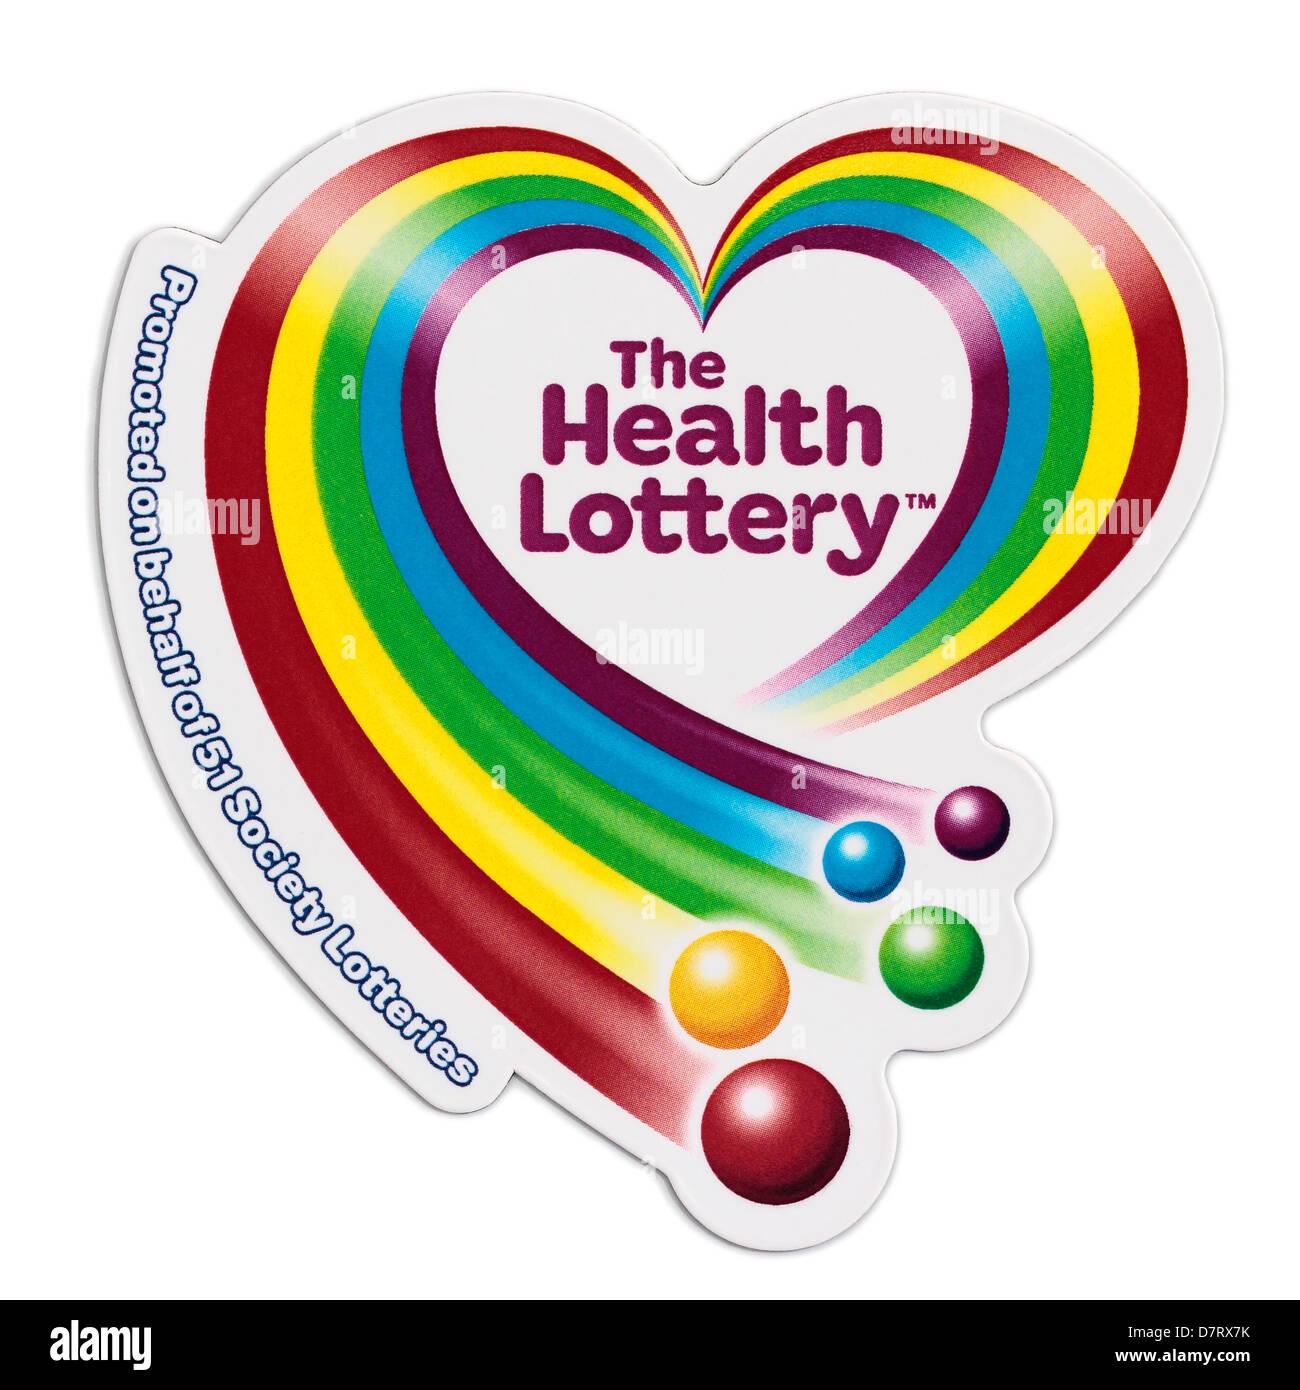 La Loterie Santé aimant frigo Photo Stock